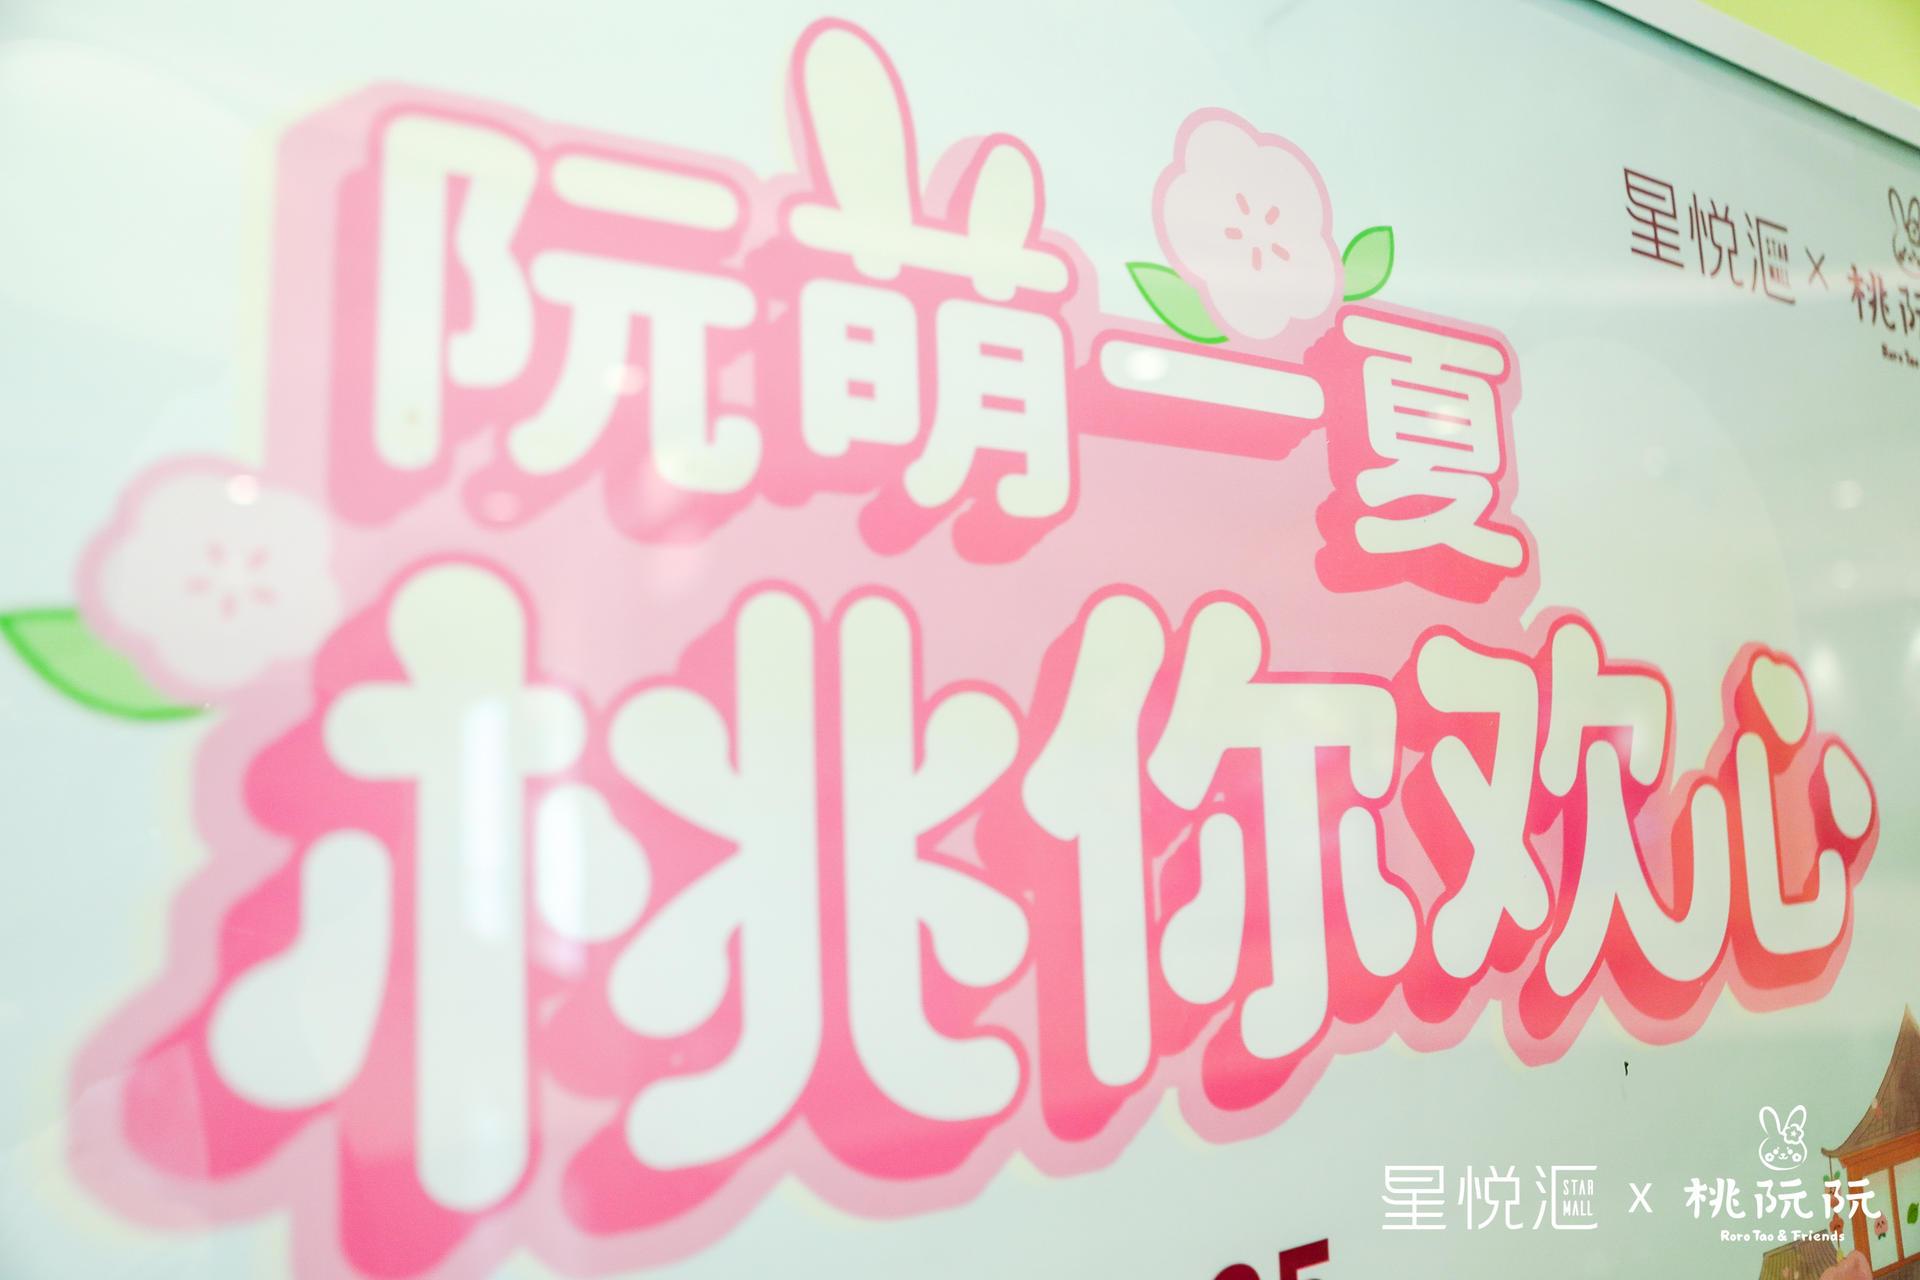 古风IP家族「桃阮阮·桃你欢心」主题展览活动策划粉嫩得很讨人心